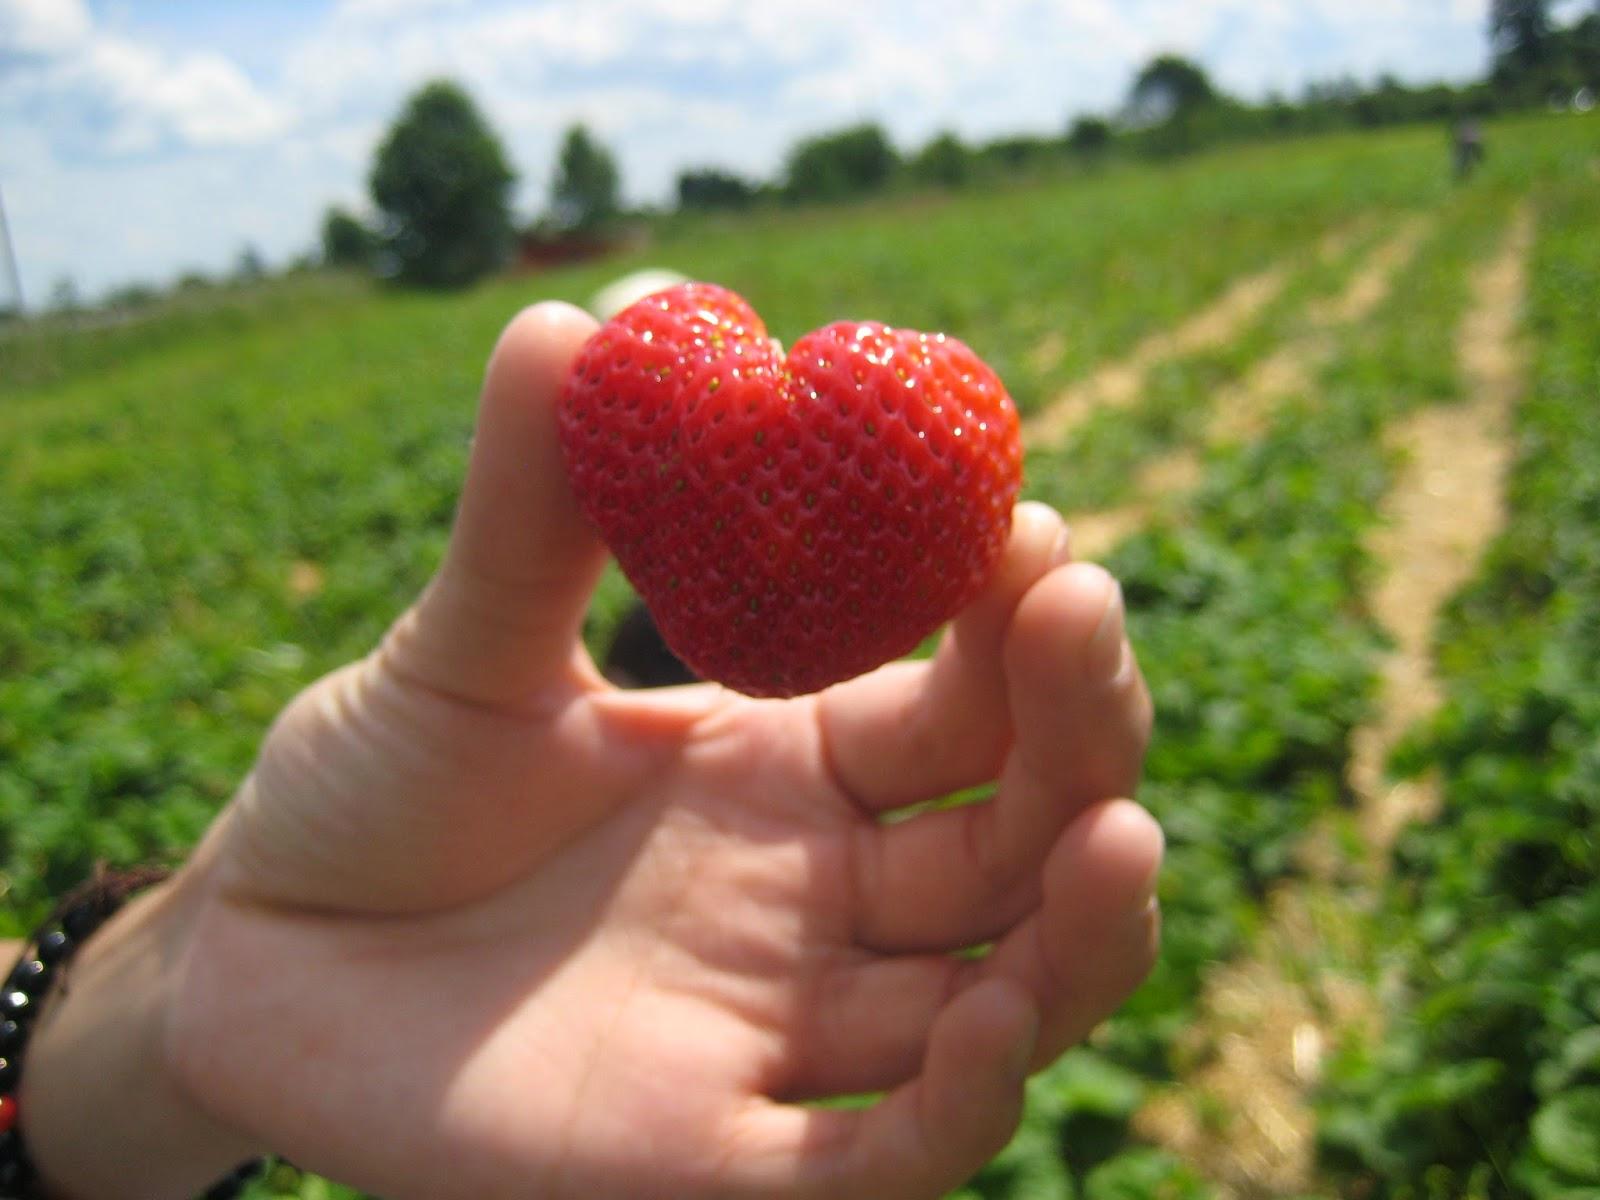 تحميل كتيب دراسة  جدوى لمشروع مشتل إنتاج فراولة